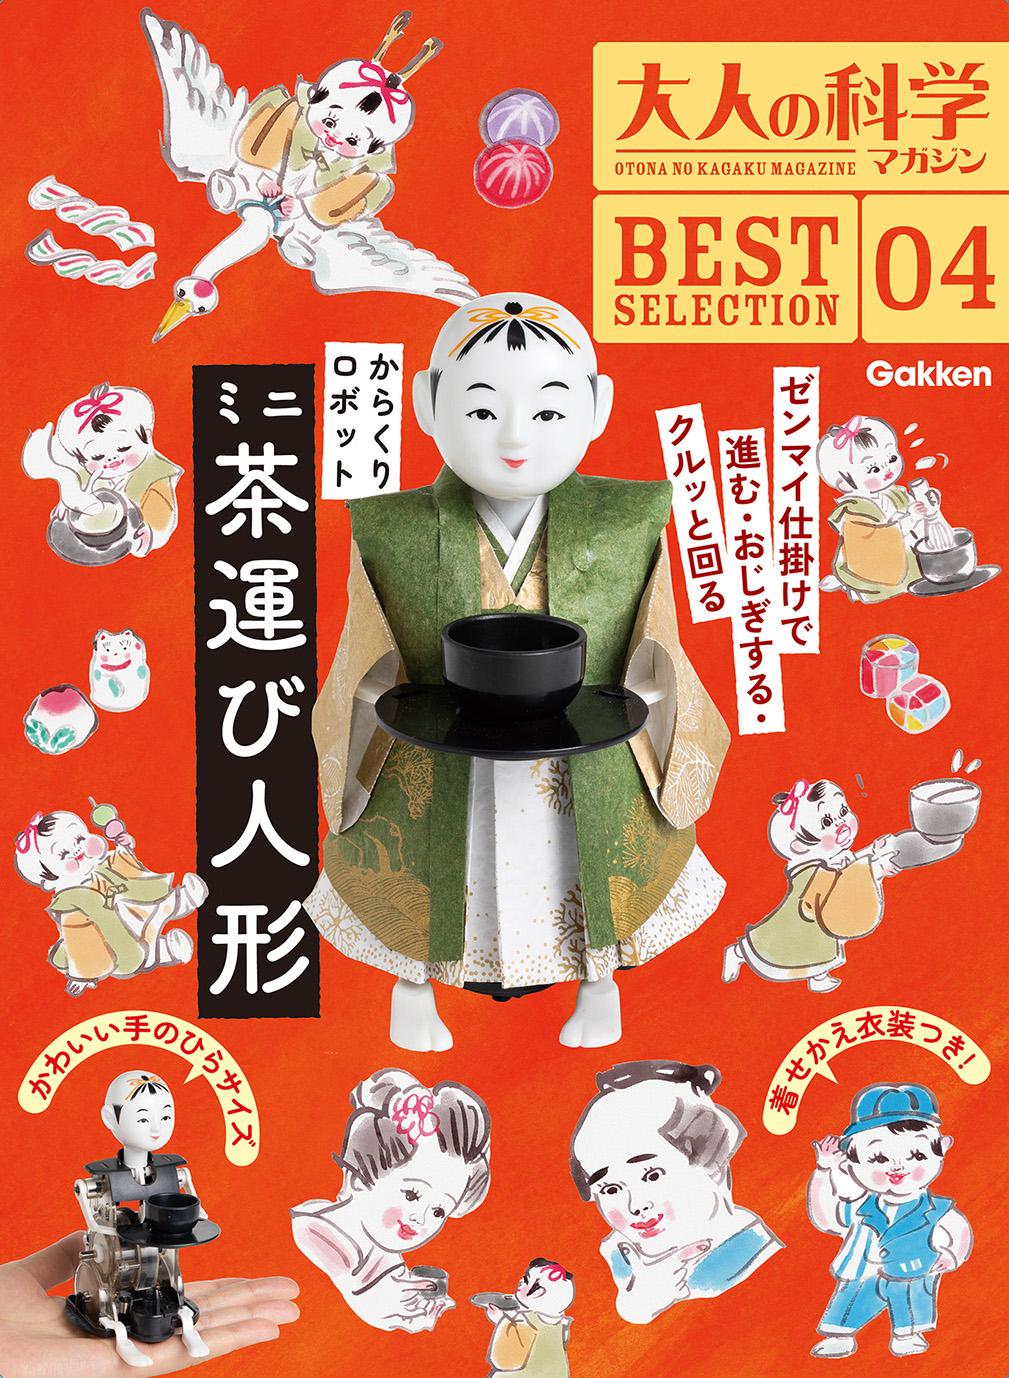 『大人の科学マガジン BESTSELECTION 04 からくりロボット ミニ茶運び人形』書影